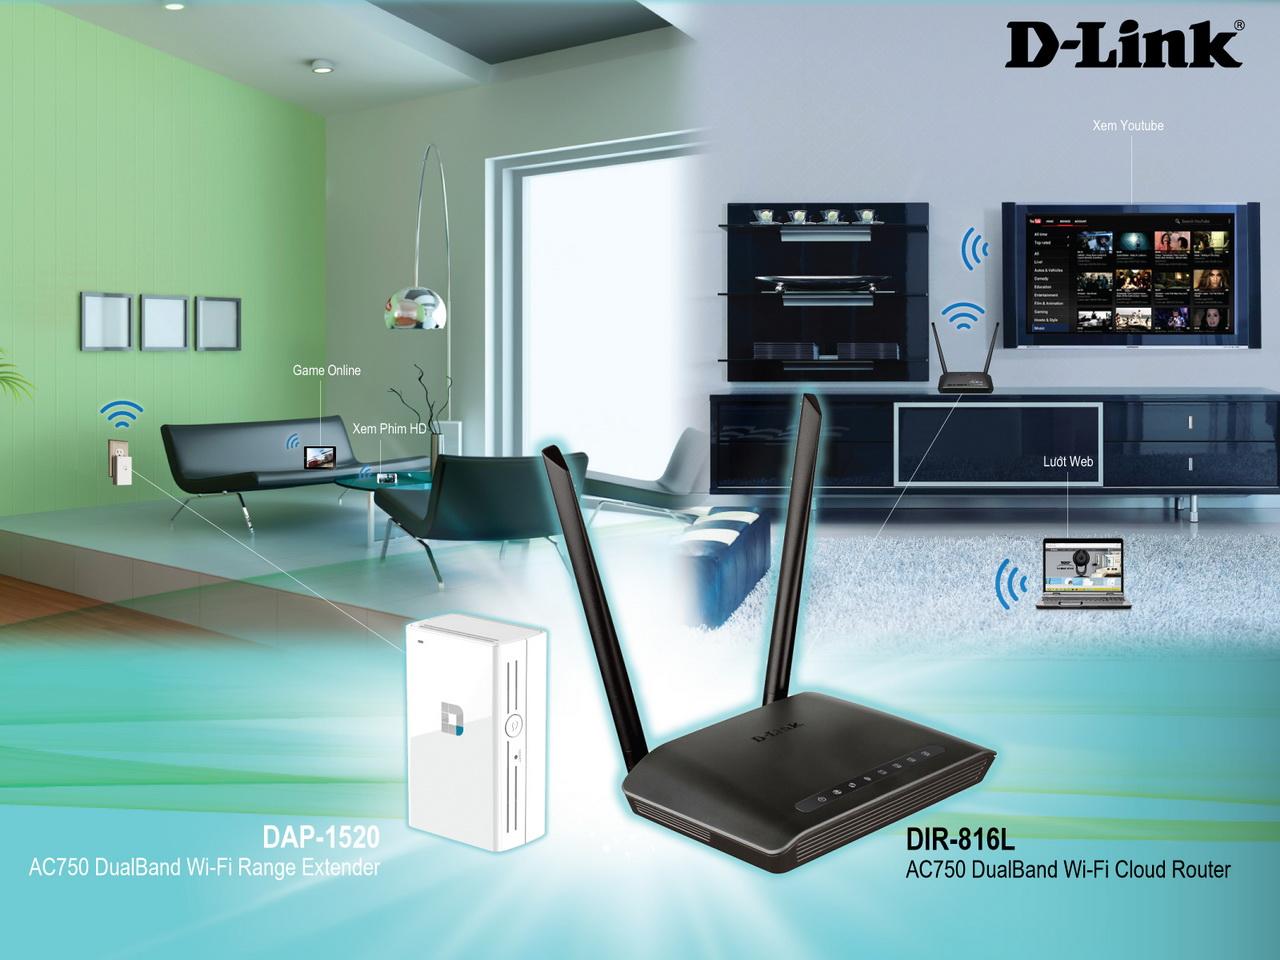 Lắp đặt thiết bị mang D-Link